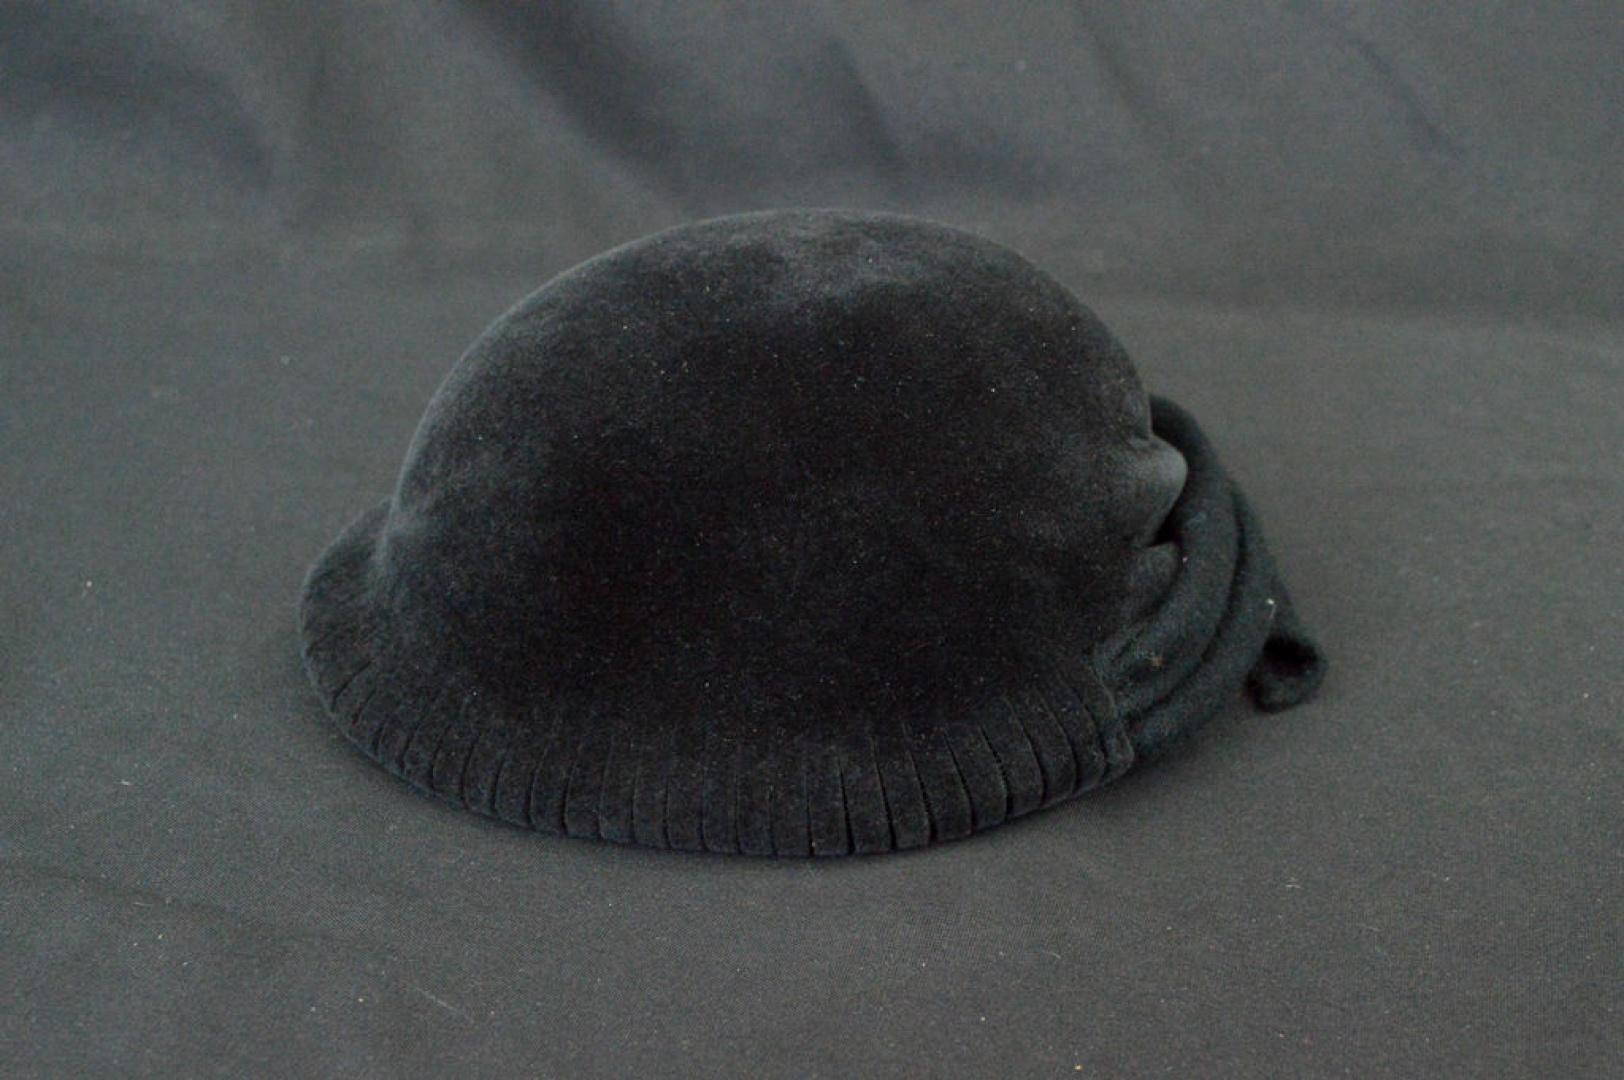 d5b3f74af29f5 Vintage Women s Giorgio Armani Black Hat CA 267 à vendre sur Swappy